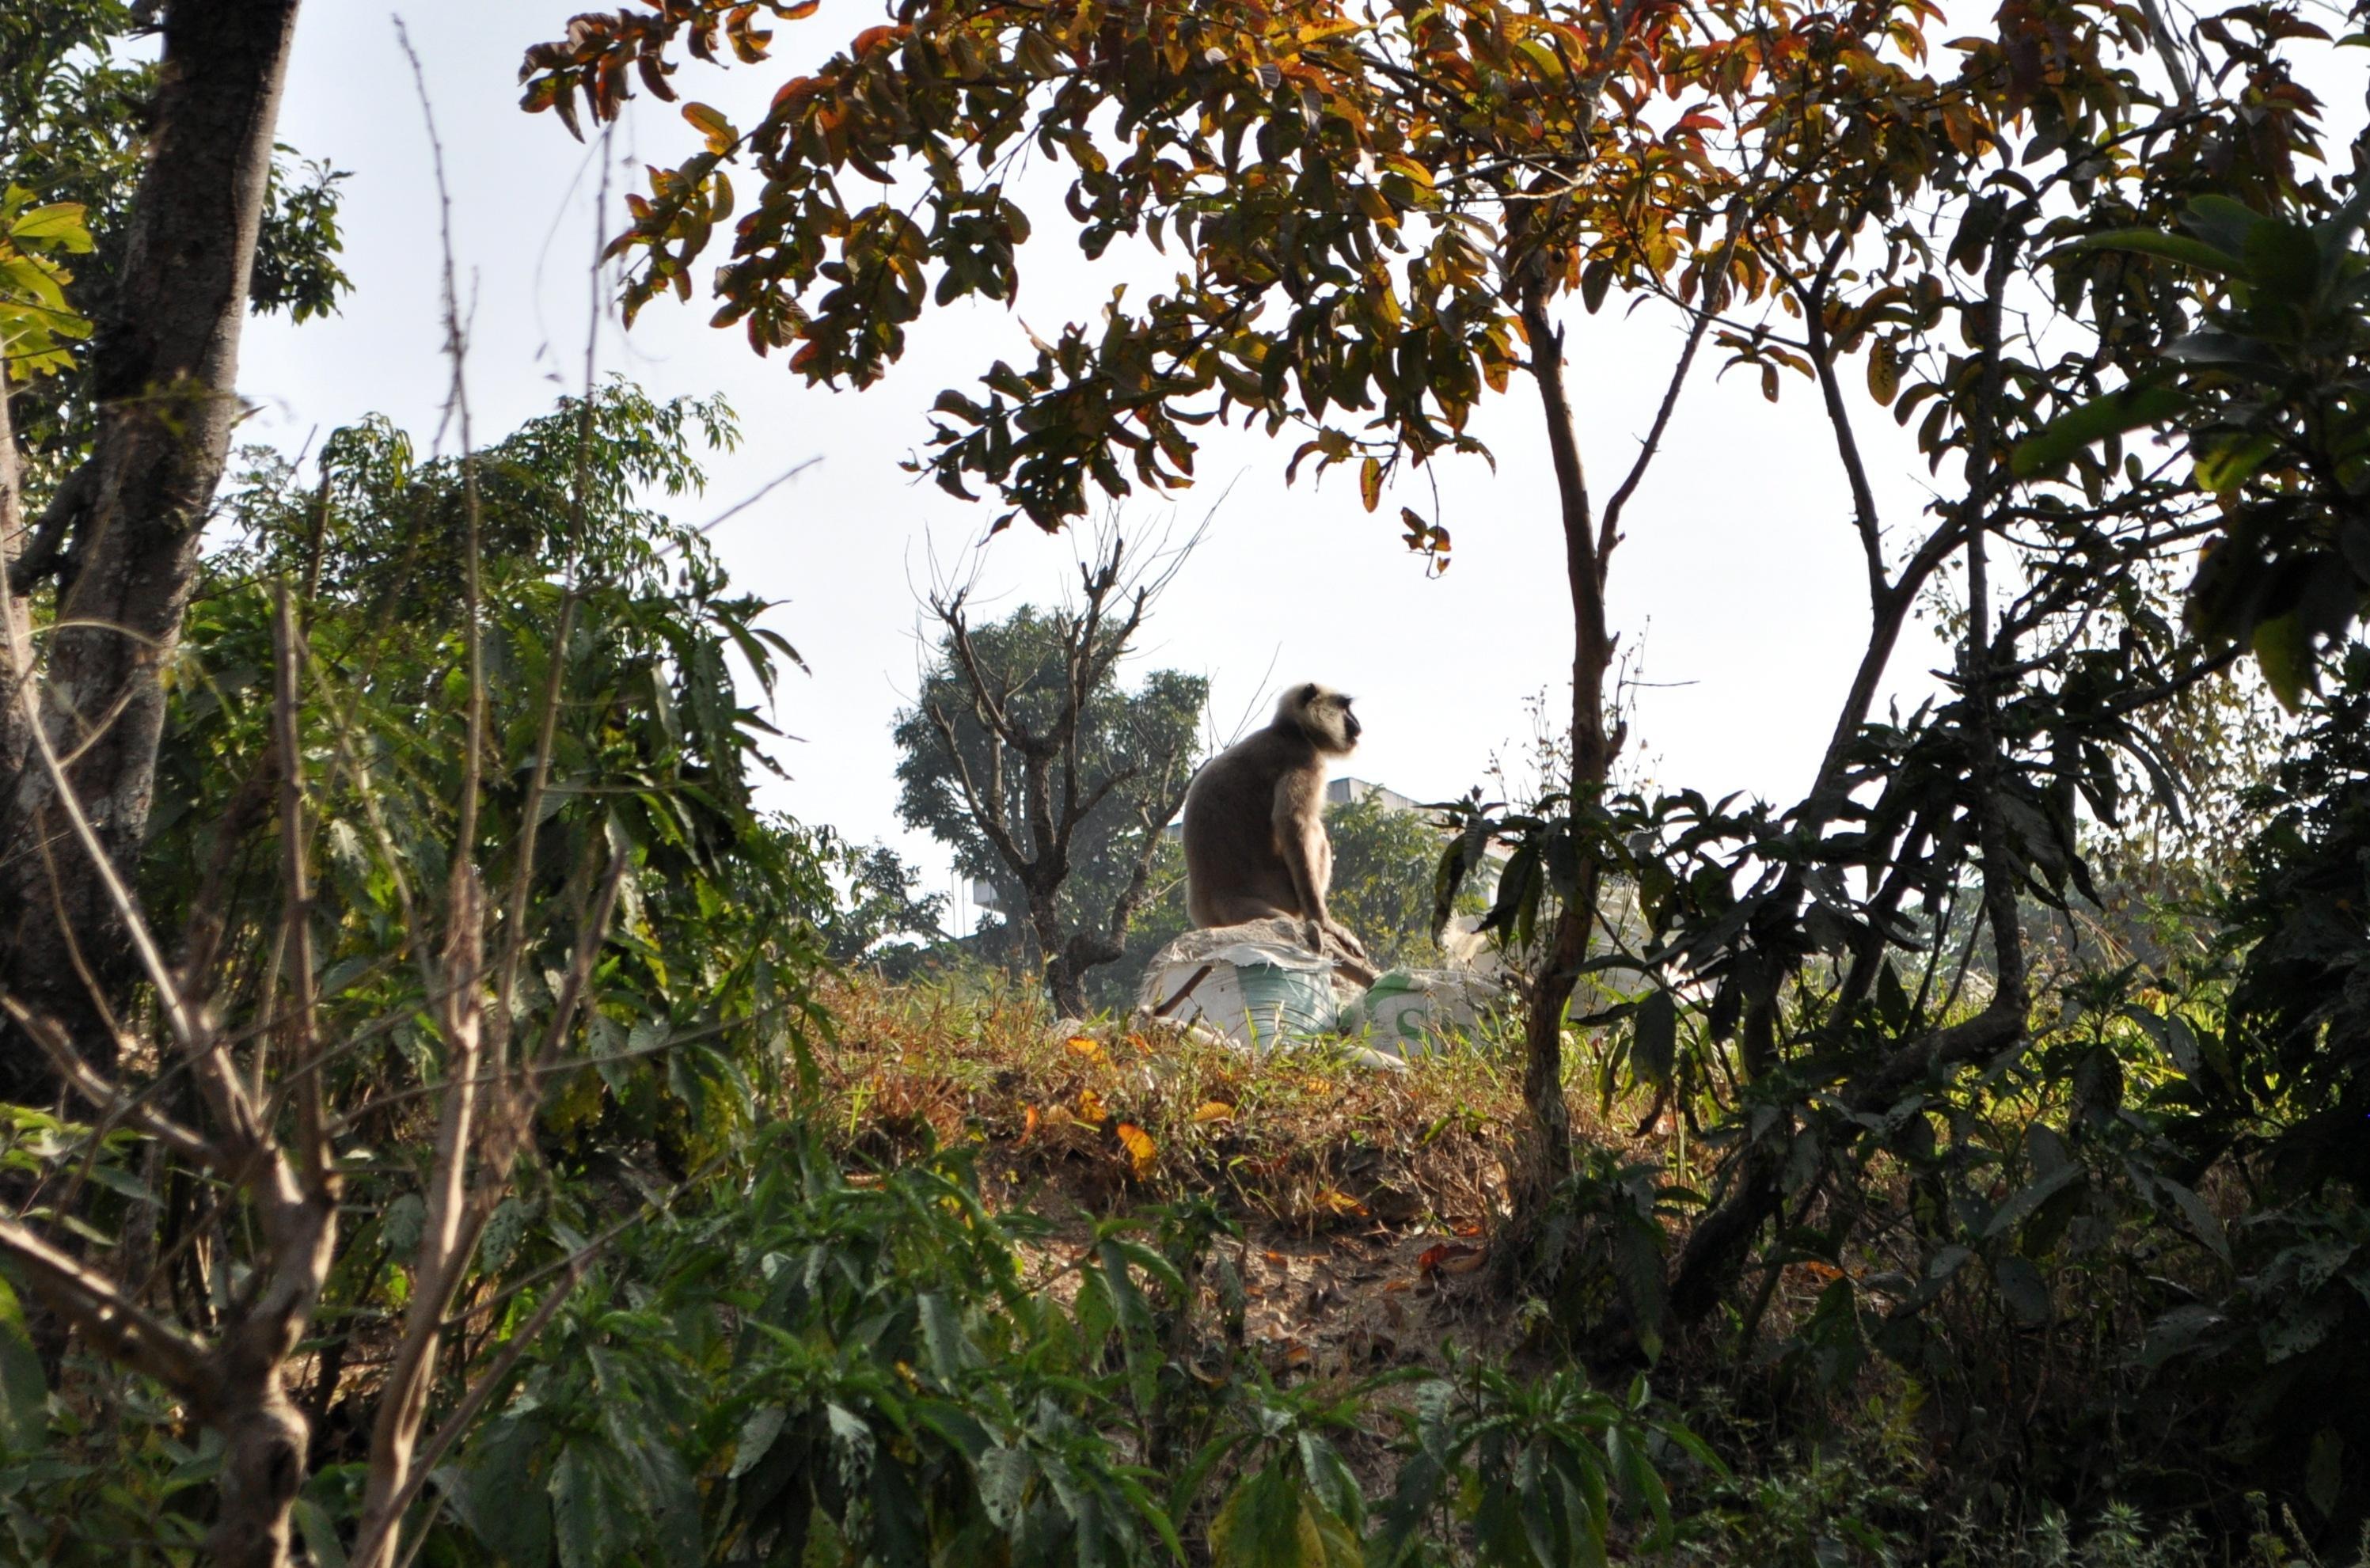 lungo la strada vediamo la nostra prima scimmia. Ne vedremo moltissime altre più avanti, anche lungo il trekking